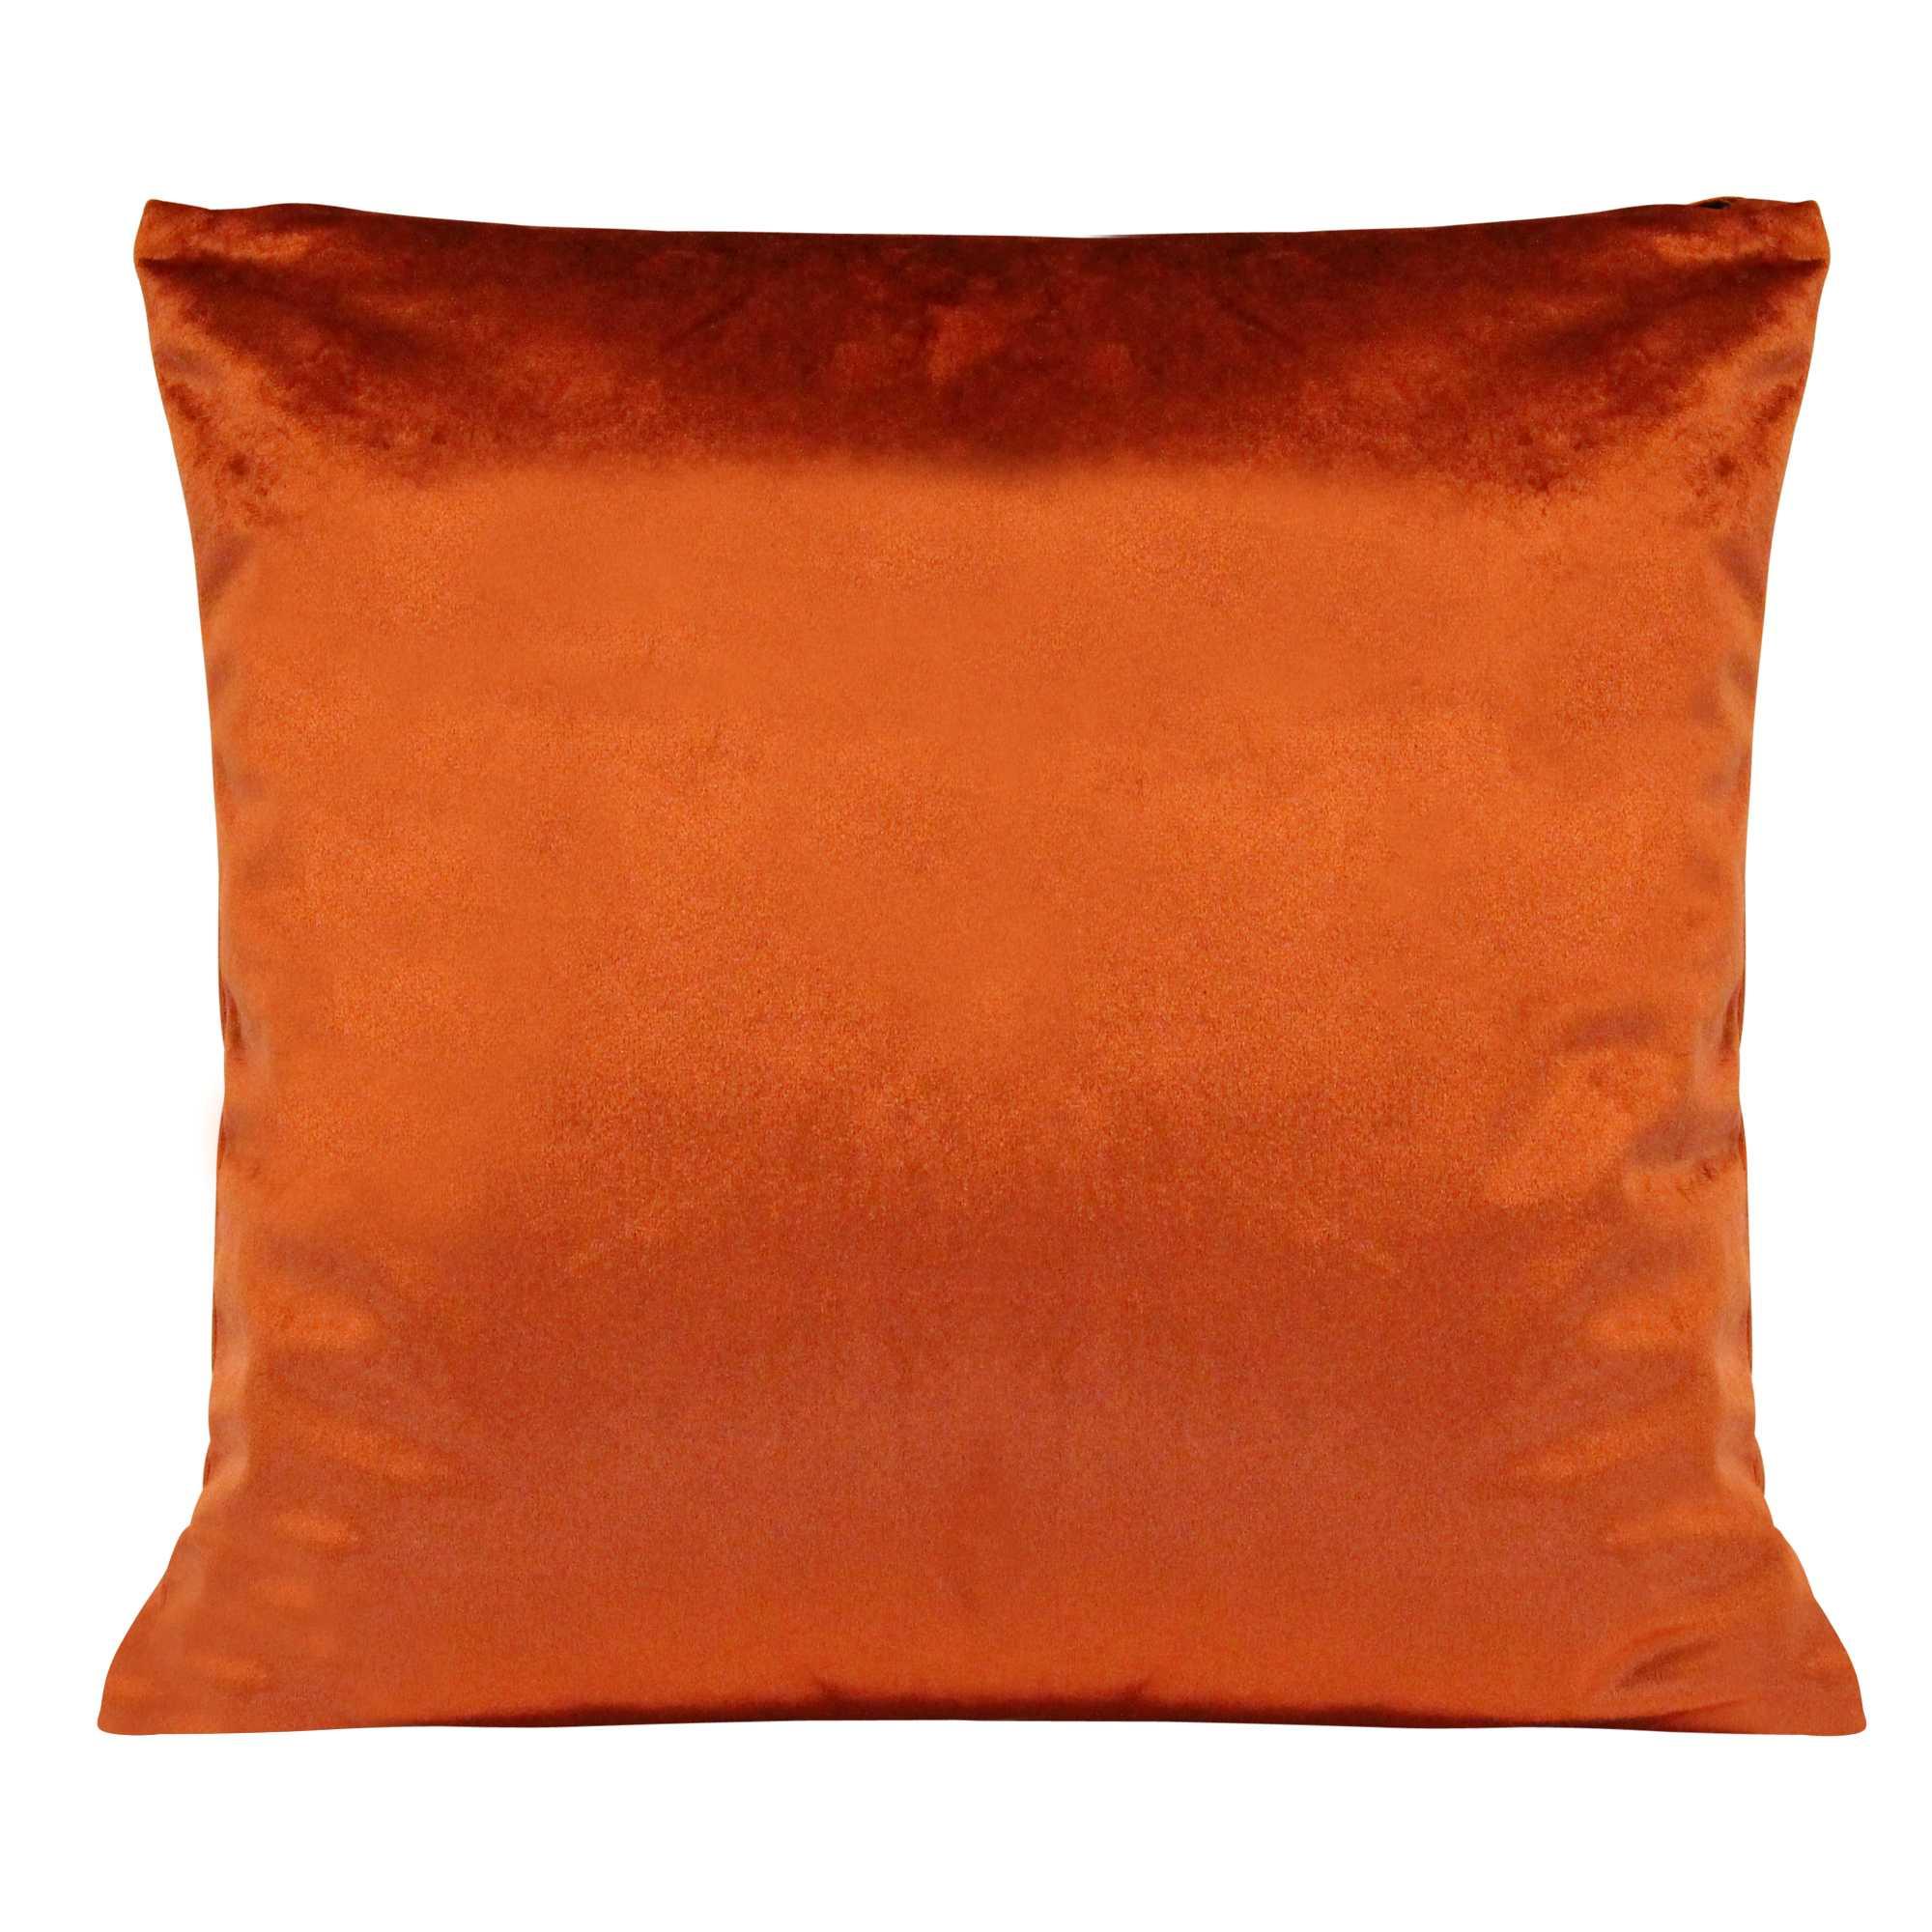 Burnt Orange Textured Velvet Square  Pillow